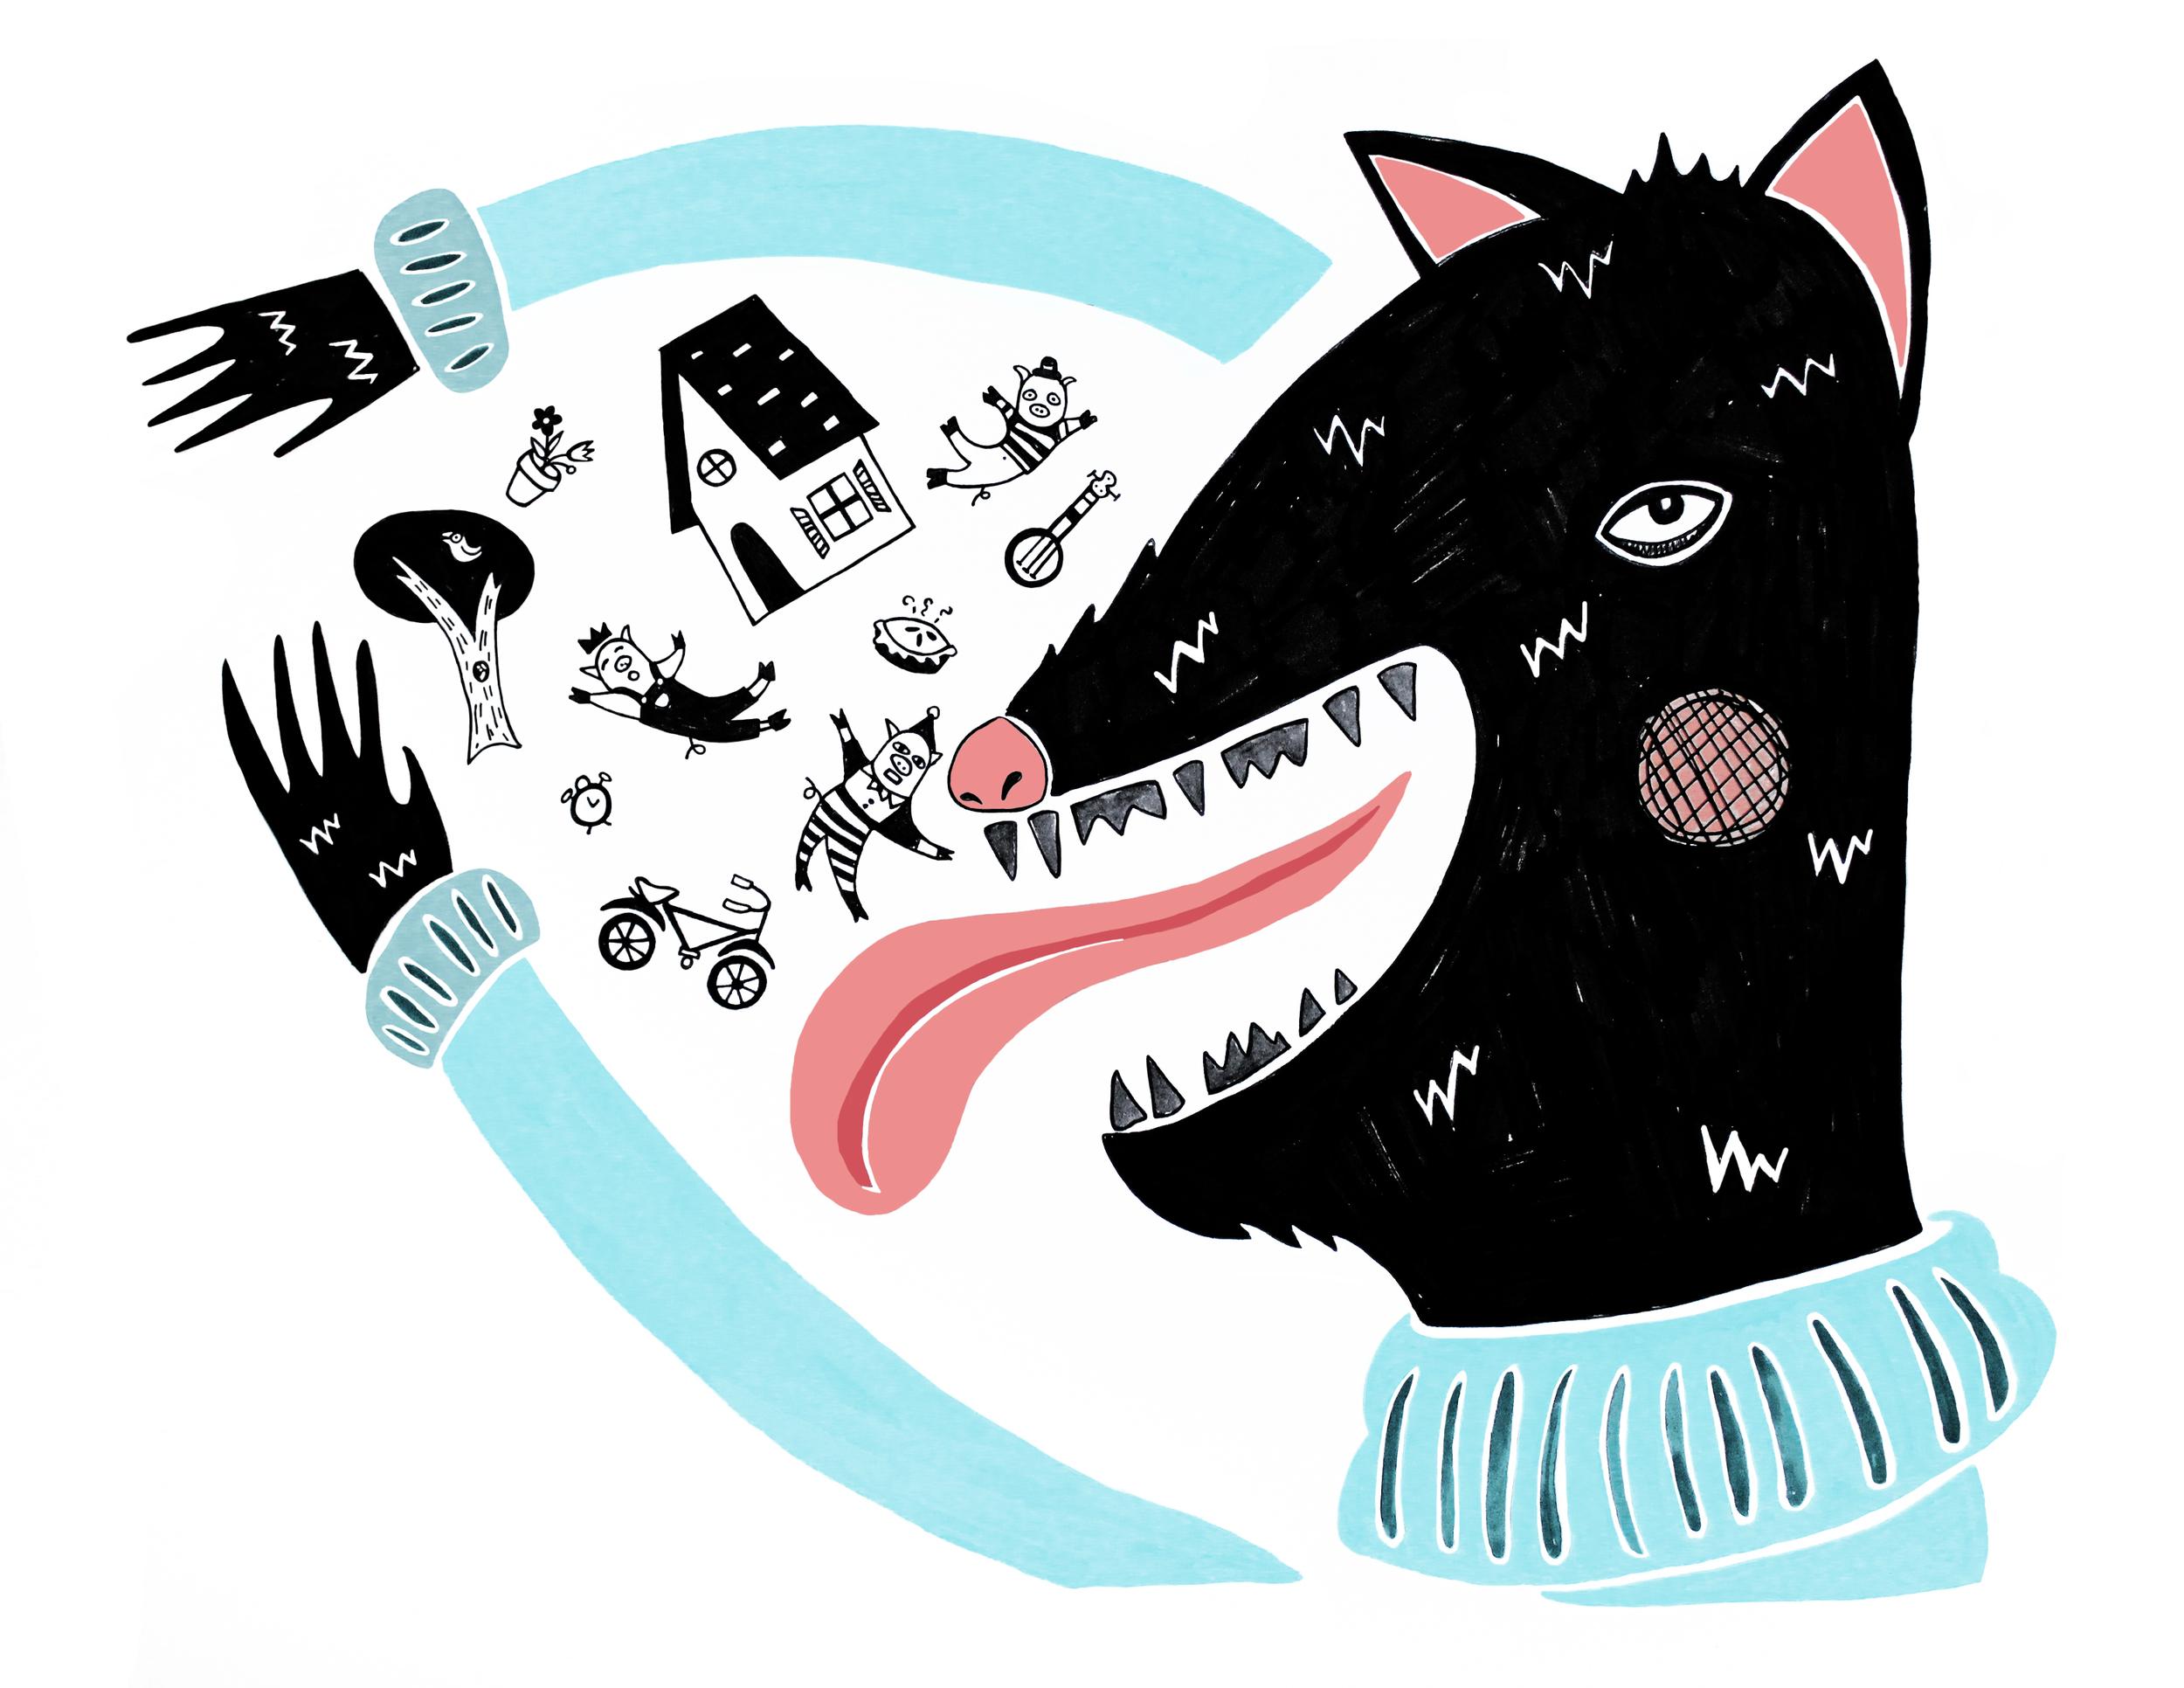 3LittlePigs_Illustration.jpg